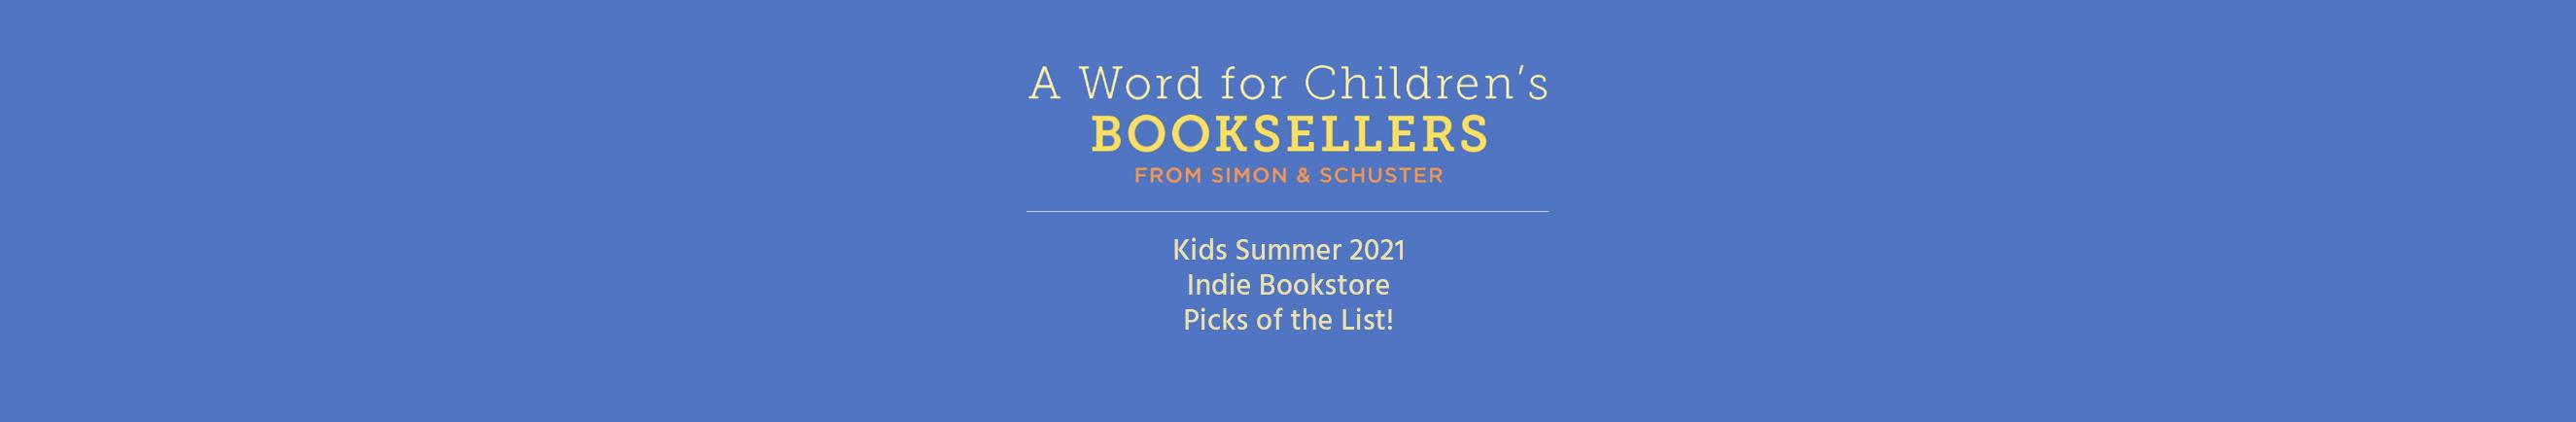 CHILDREN'S BOOKSELLER